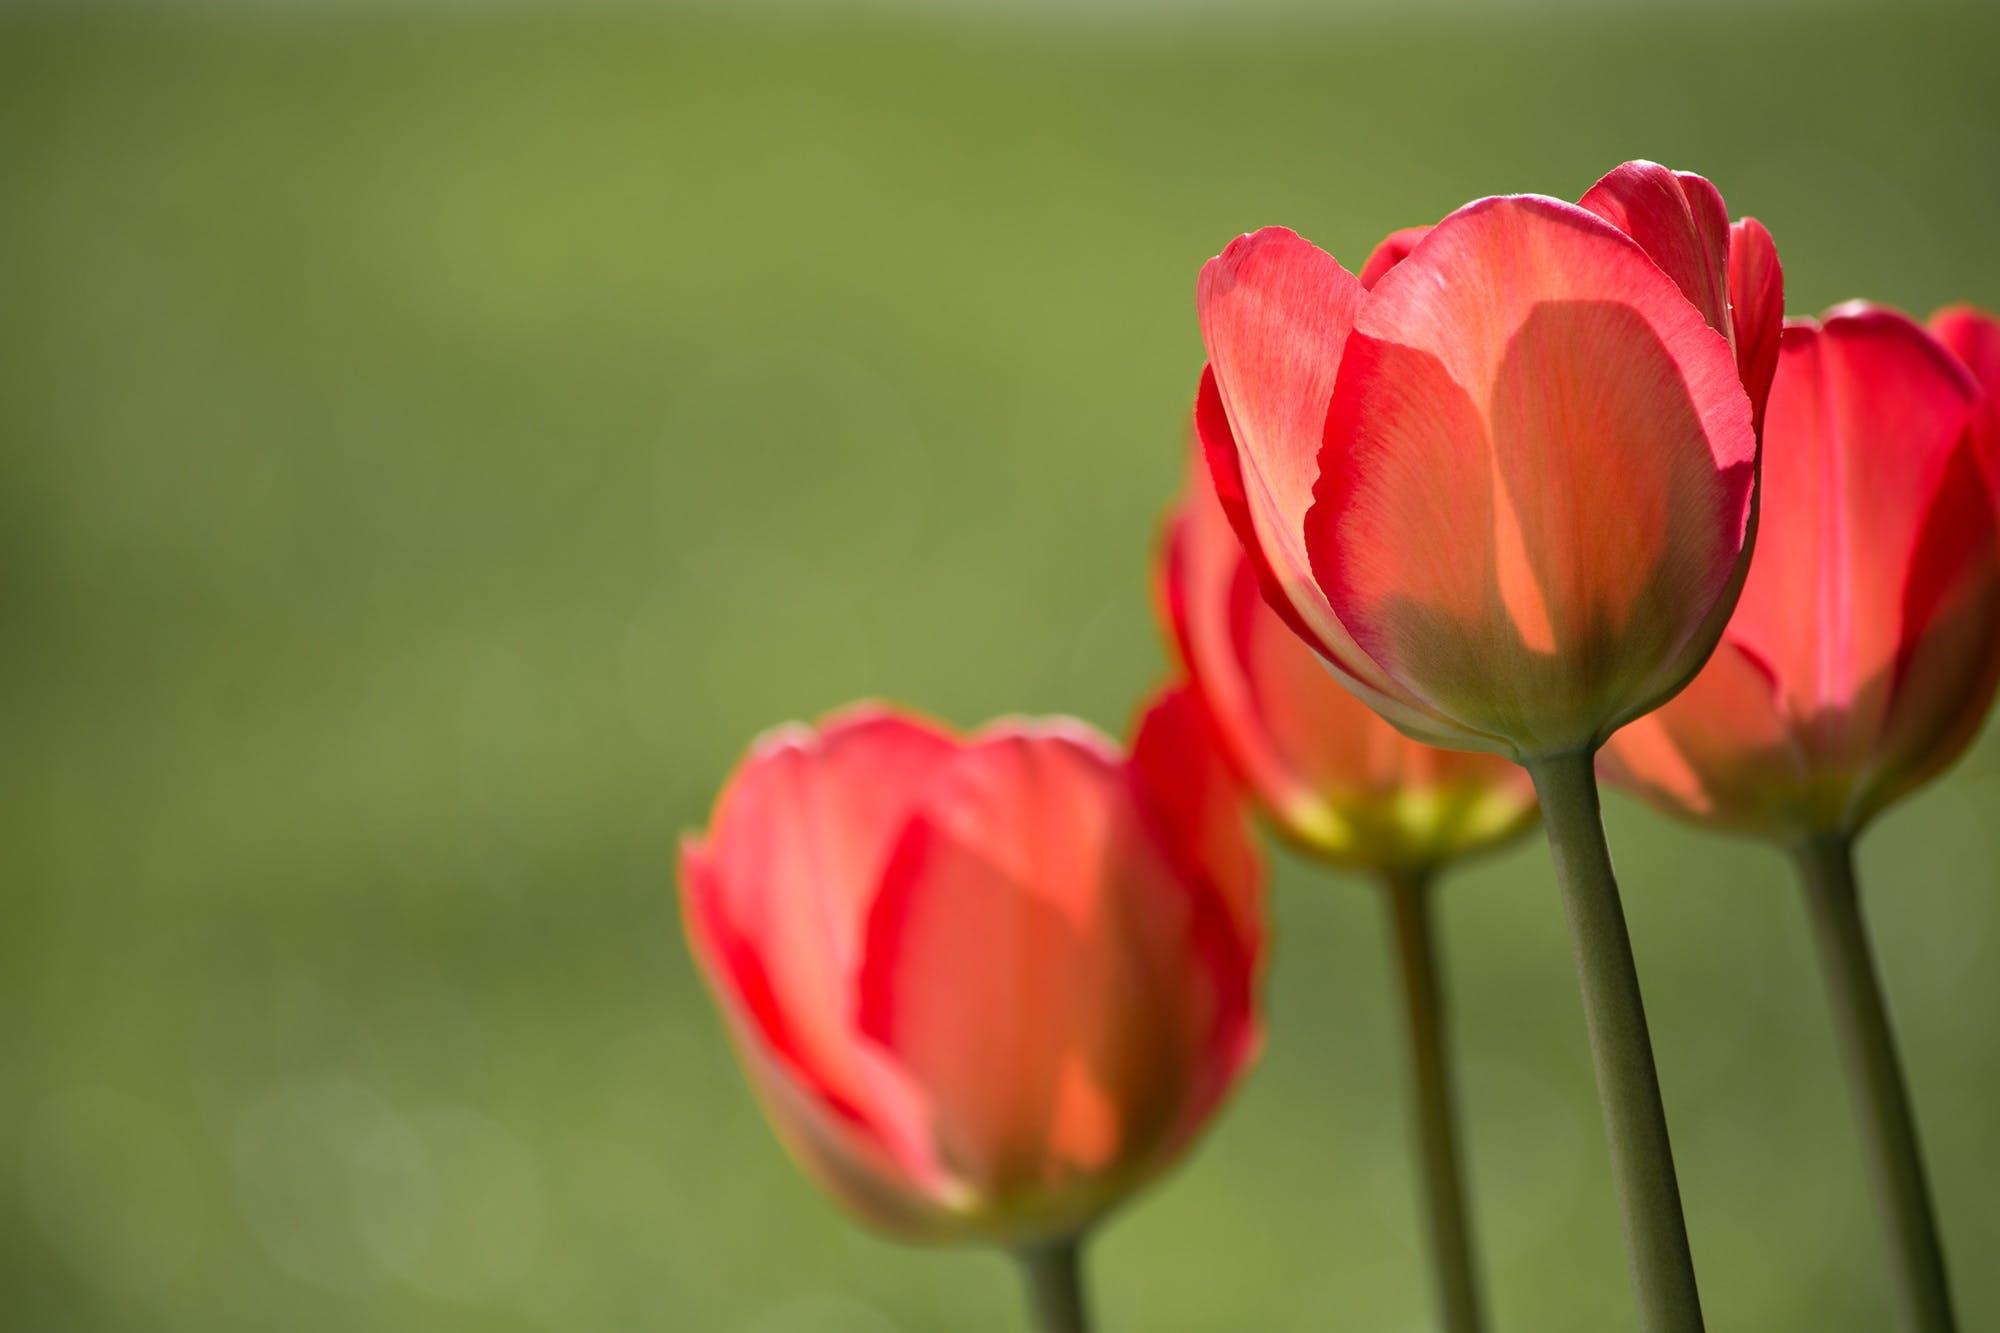 HD 바탕화면, 꽃, 매크로, 식물군의 무료 스톡 사진